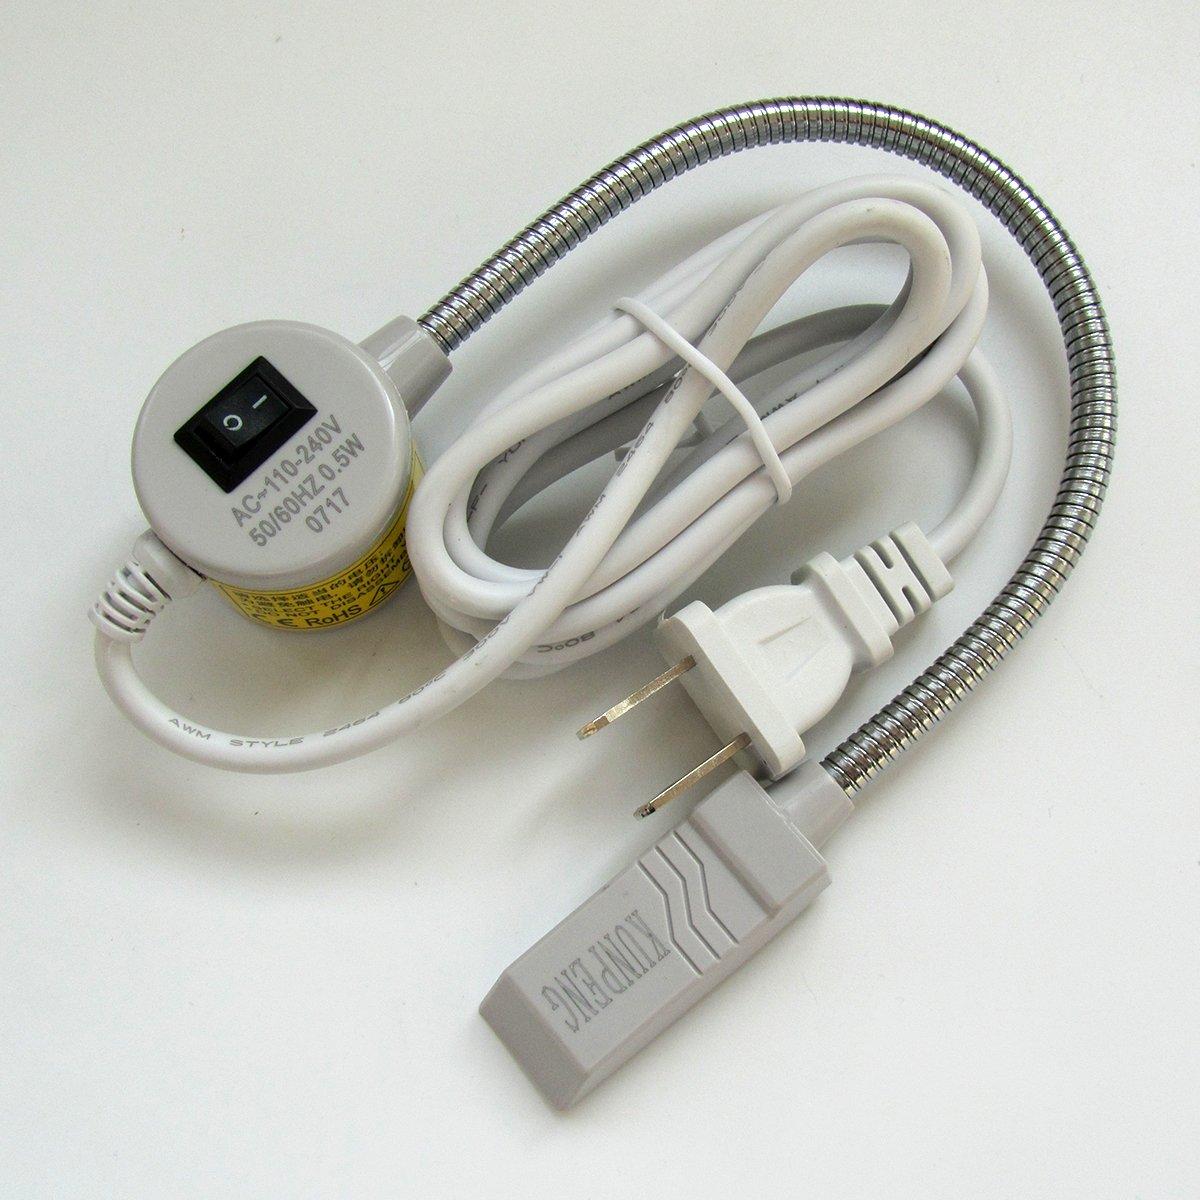 KUNPENG -1piezas # TD-15 Sewing Machine Light con 15 cuentas de luz ,, Cuello de ganso con base magnética PARA Singer,Consew,juki: Amazon.es: Hogar